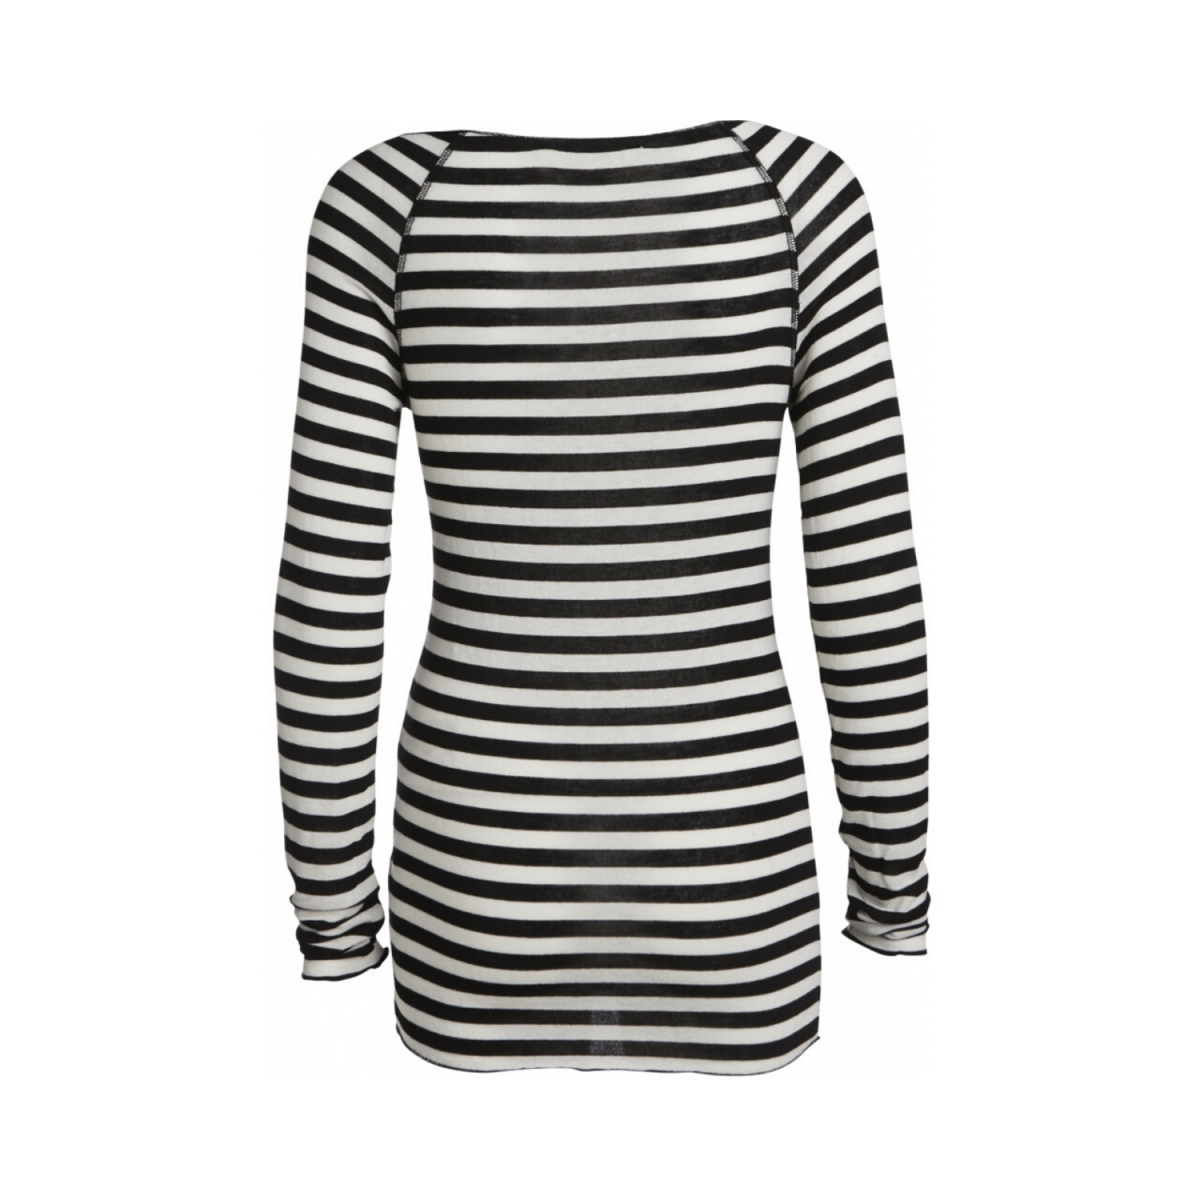 amalie bluse - off white-black - ryg billede